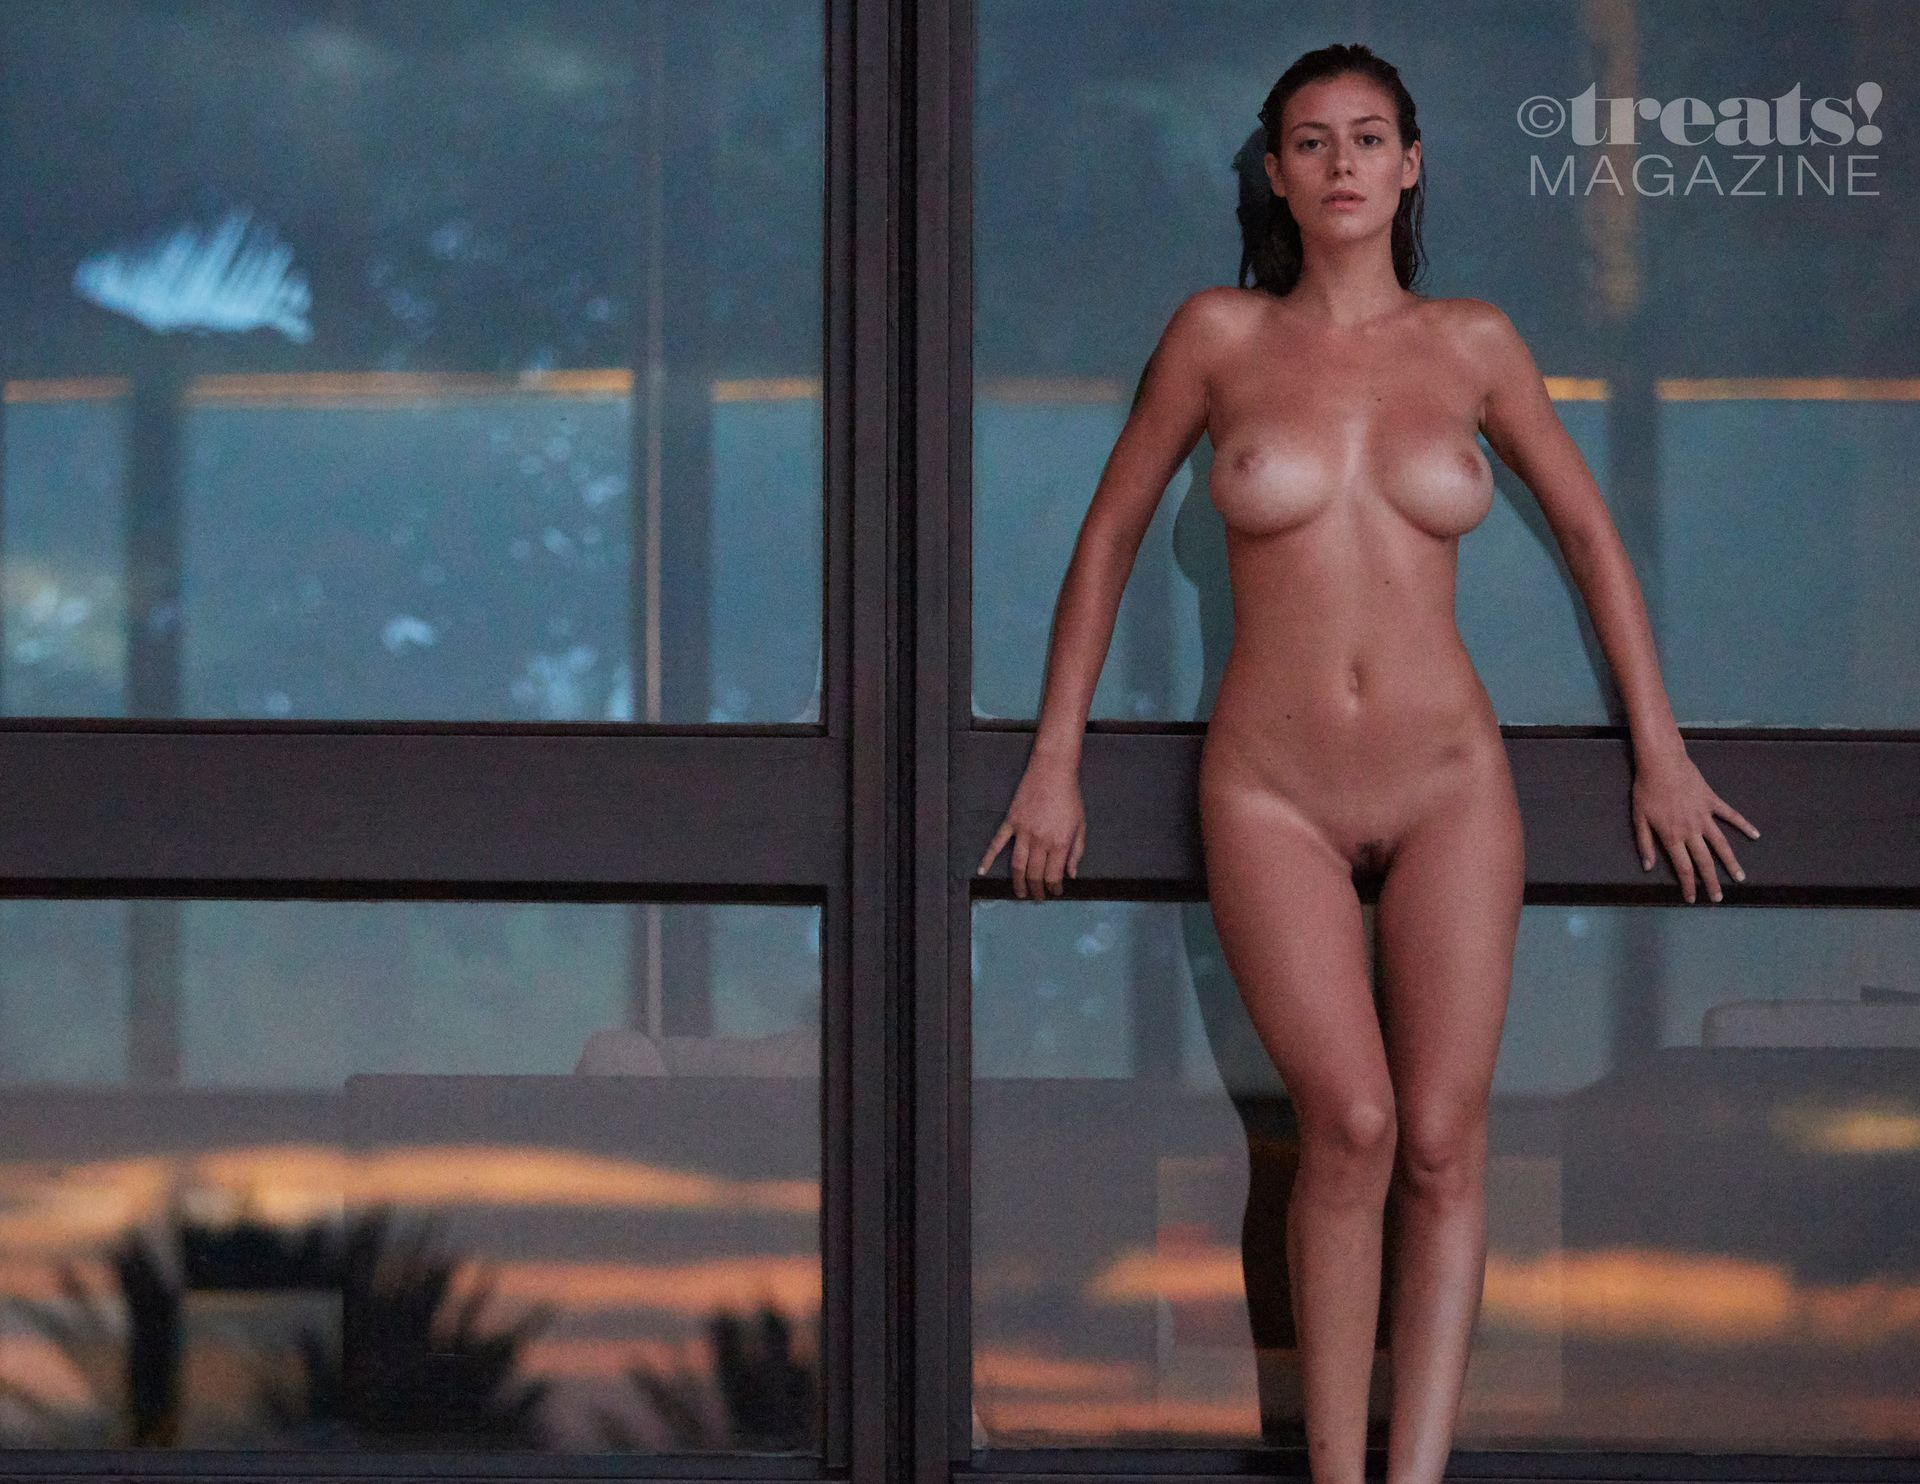 Alejandra-Guilmant-Nude-The-Fappening-Blog-3.jpg